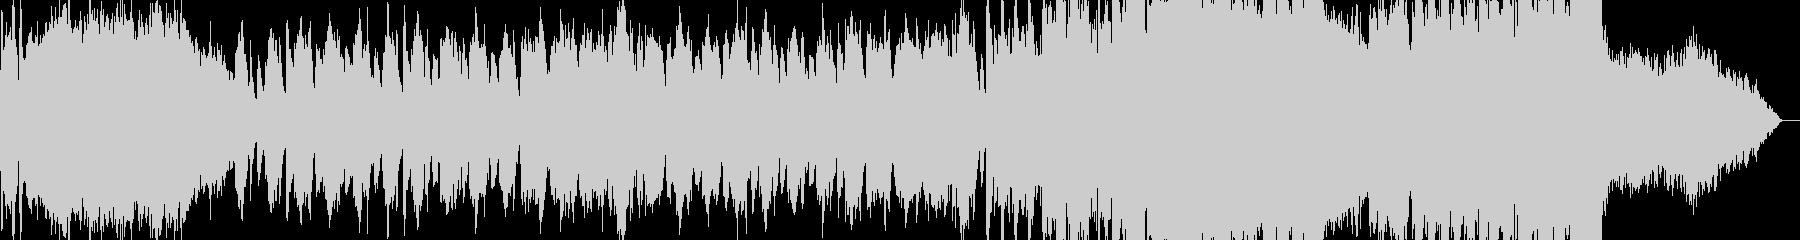 ゴシックホラー的な何かが迫り来るBGMの未再生の波形